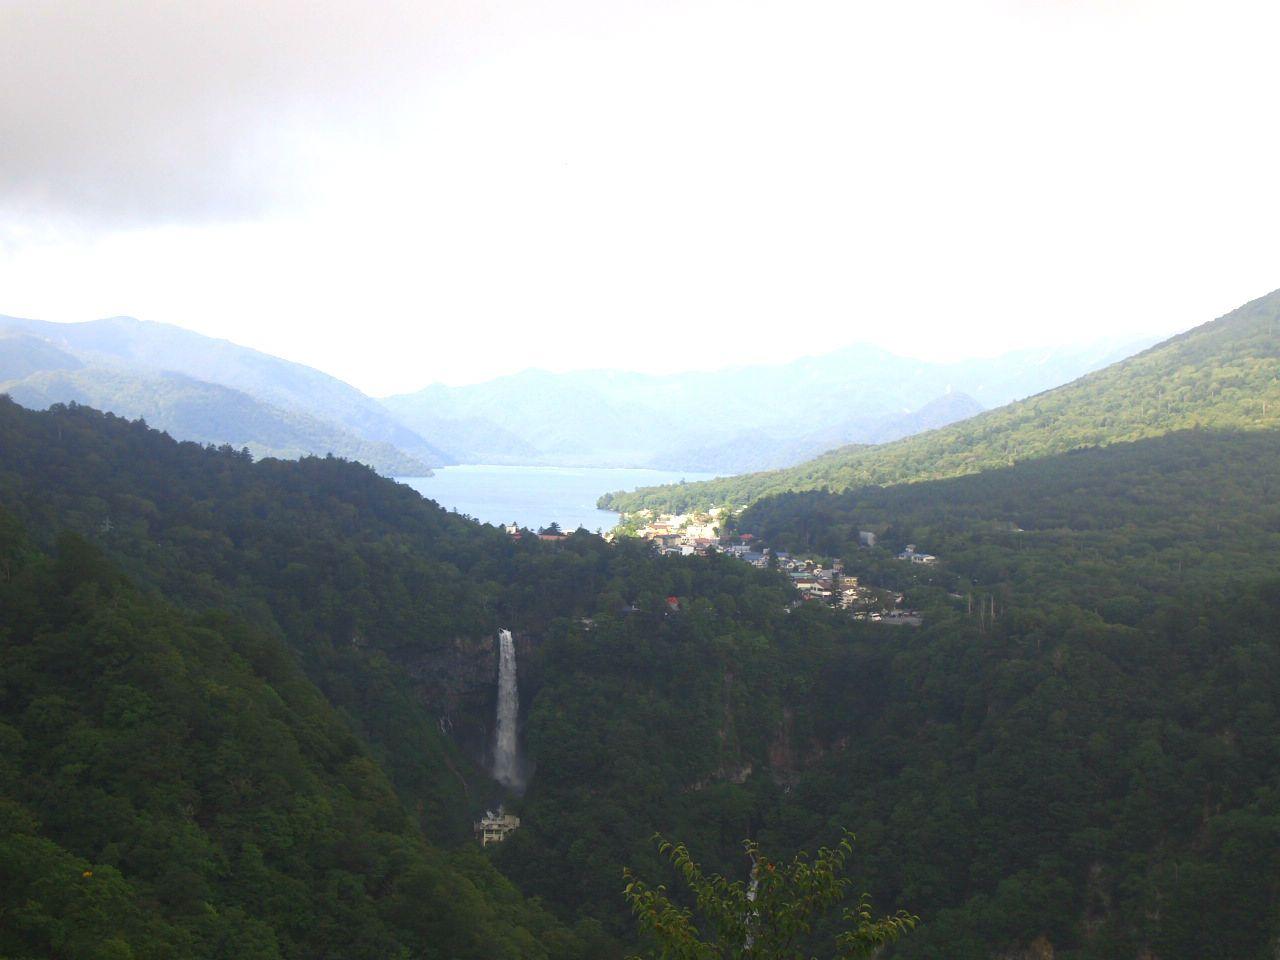 明智平展望台から見る華厳の滝と中禅寺湖のコラボ!!